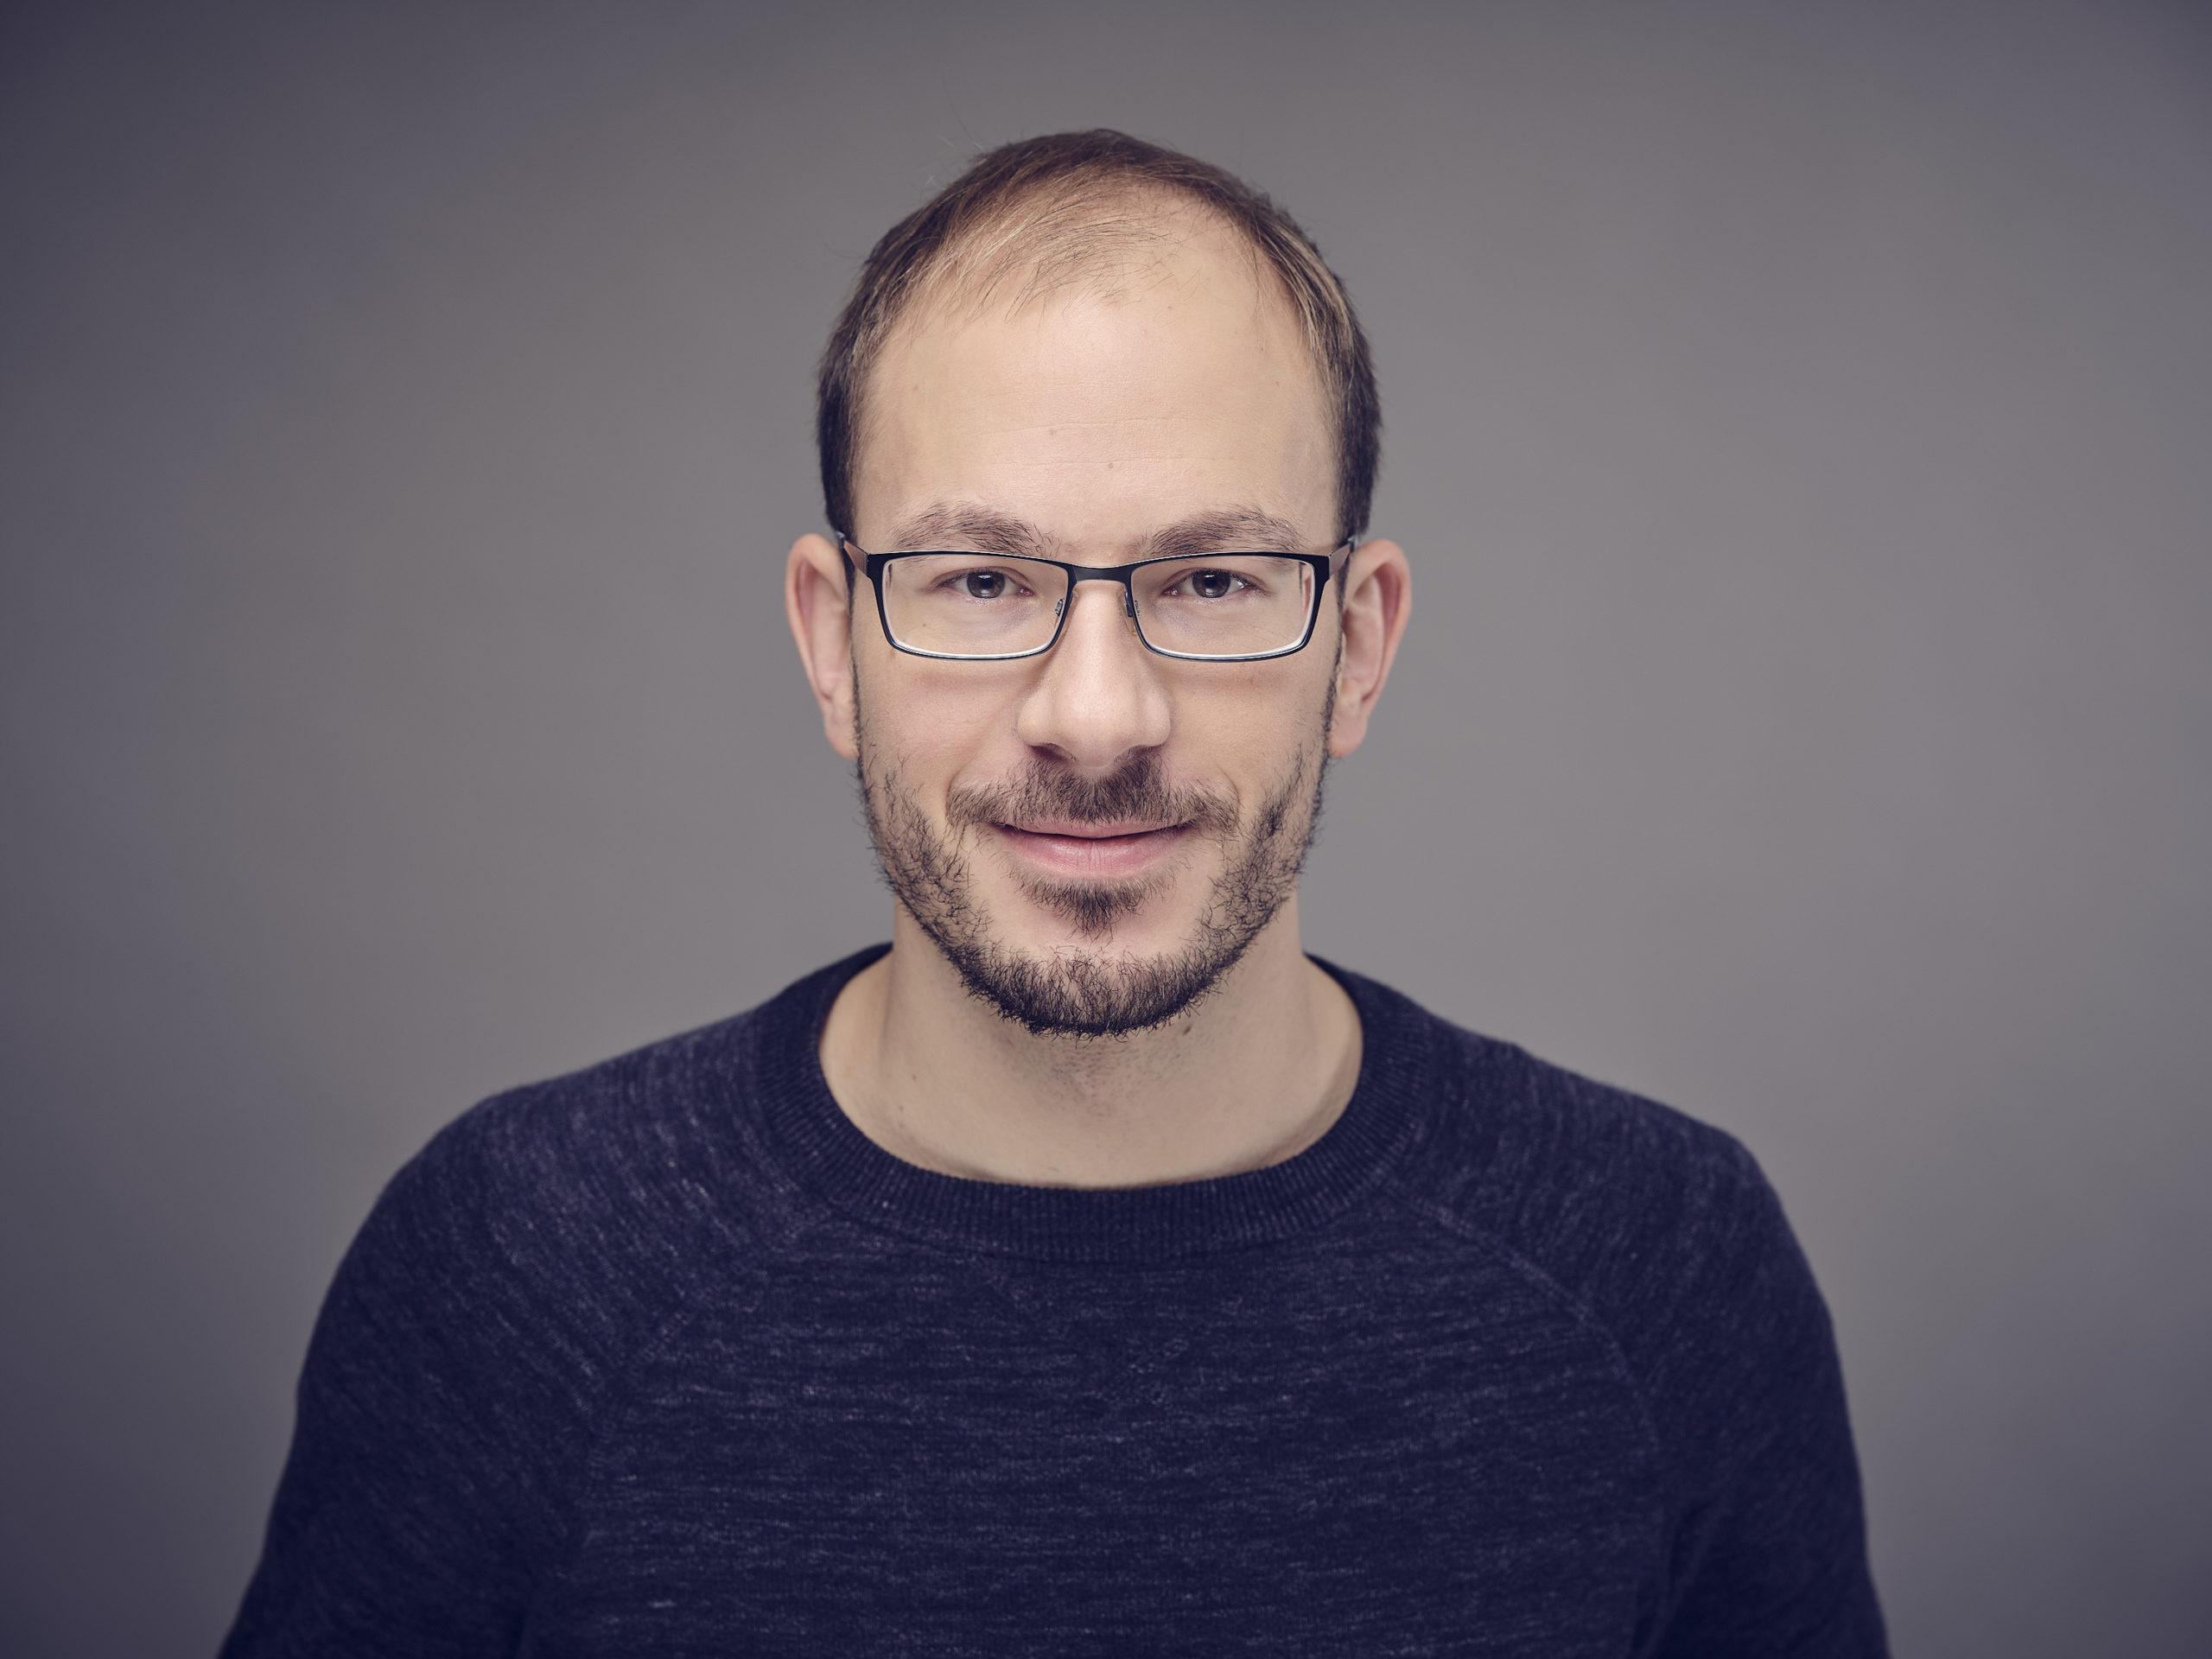 Matthias Jobst